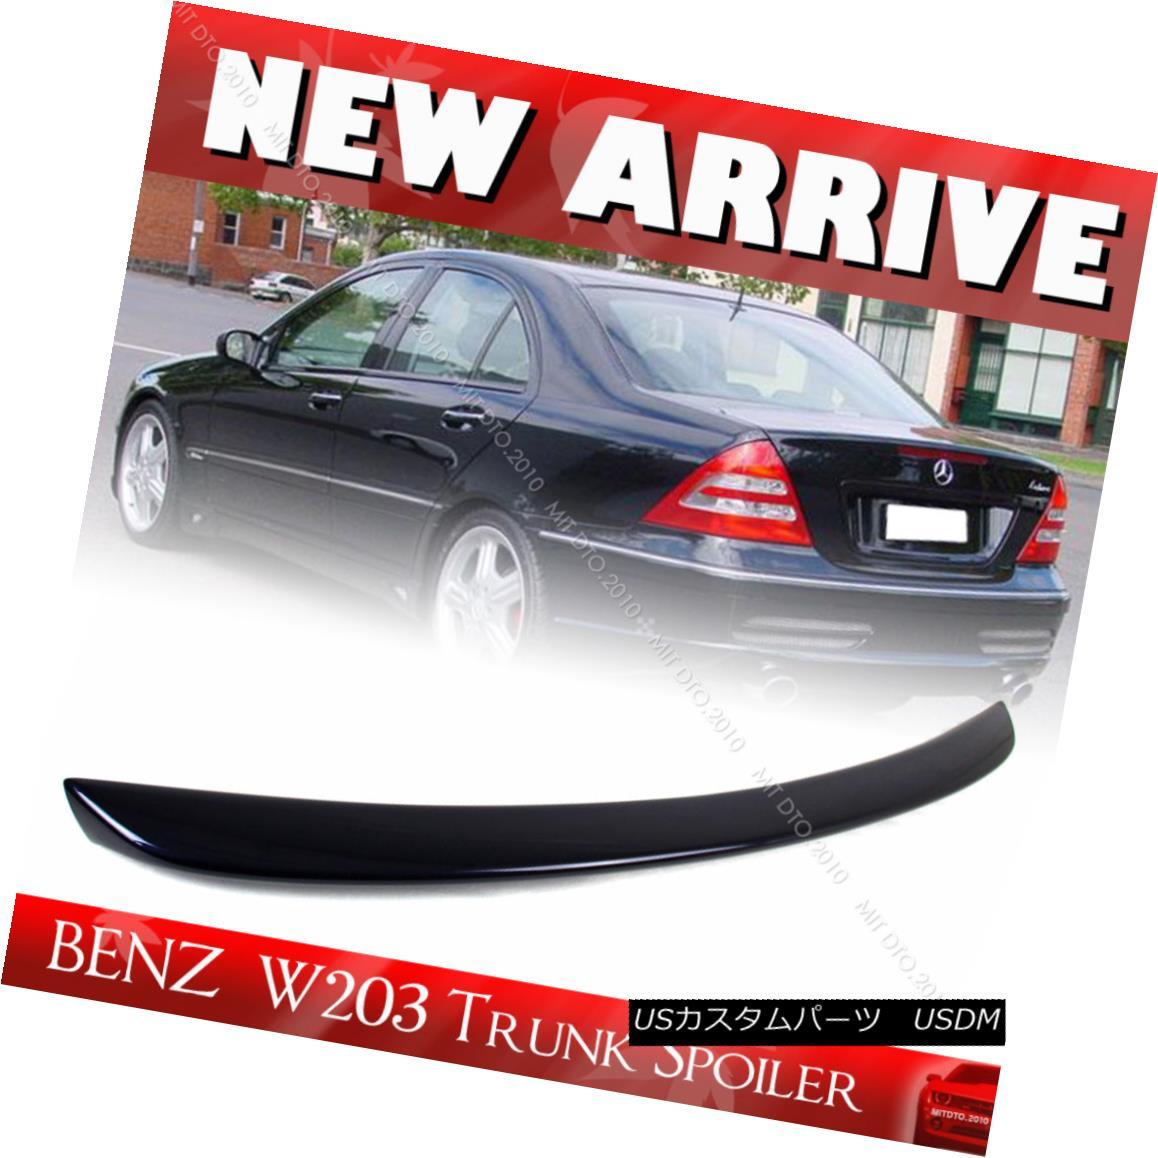 エアロパーツ Painted #359 Mercedes BENZ C-Class W203 4D Sedan A Trunk Spoiler ABS C230 C240 ペイント#359メルセデスベンツCクラスW203 4DセダンAトランクスポイラーABS C230 C240